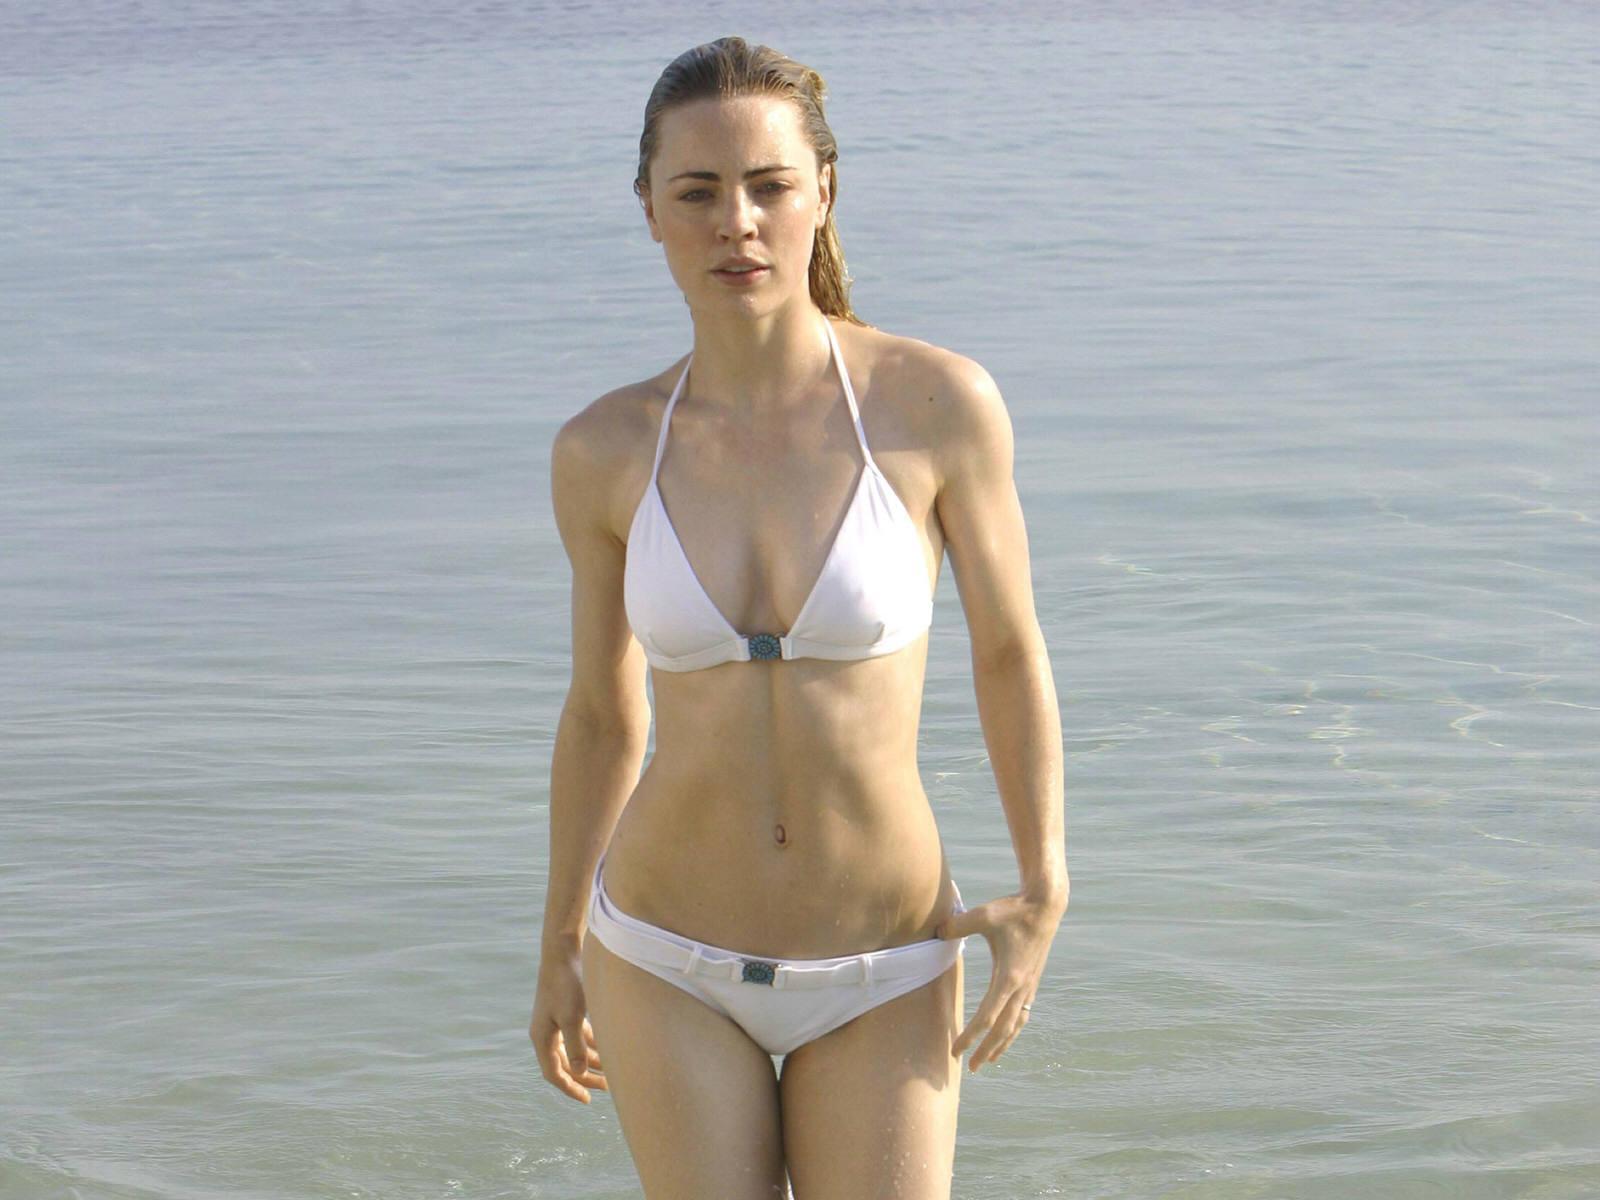 http://3.bp.blogspot.com/_gRl1tLJOW7Q/TLfdQtLT5gI/AAAAAAAABLQ/Uz0XrCdY6_U/s1600/melissa_george_bikini_desktop_wallpaper_98747_raj.jpg